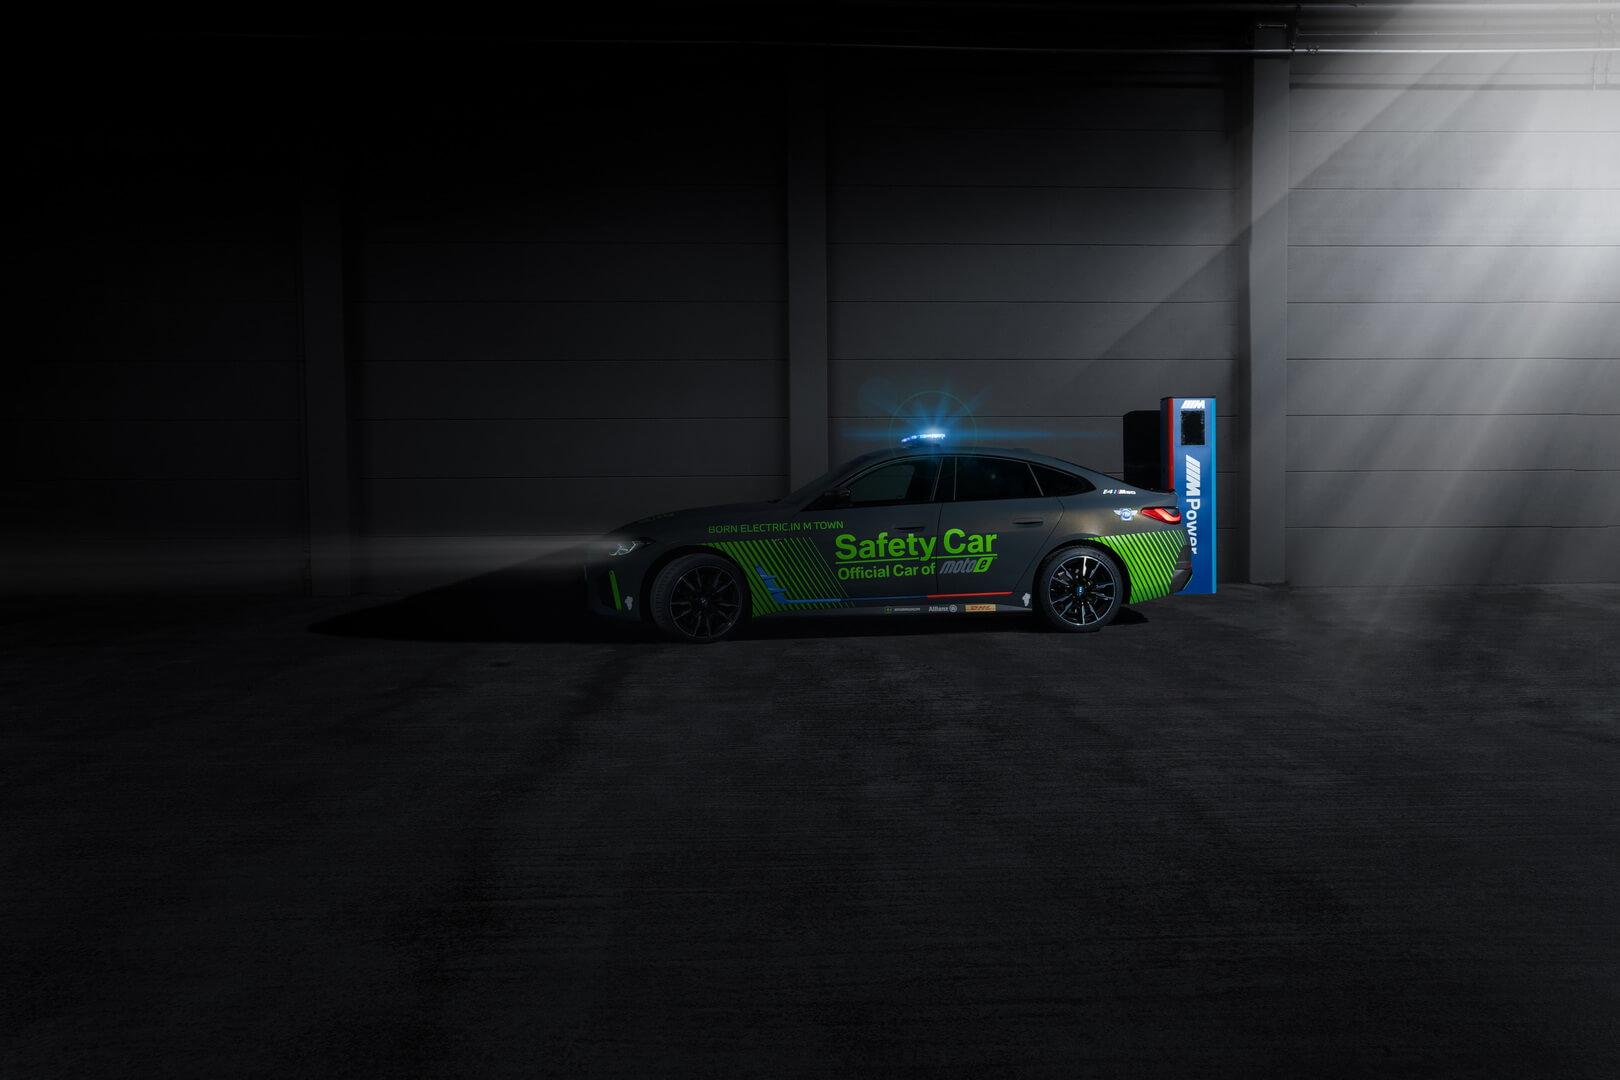 BMW i4 M50 стал первым полностью электрическим автомобилем безопасности BMW M